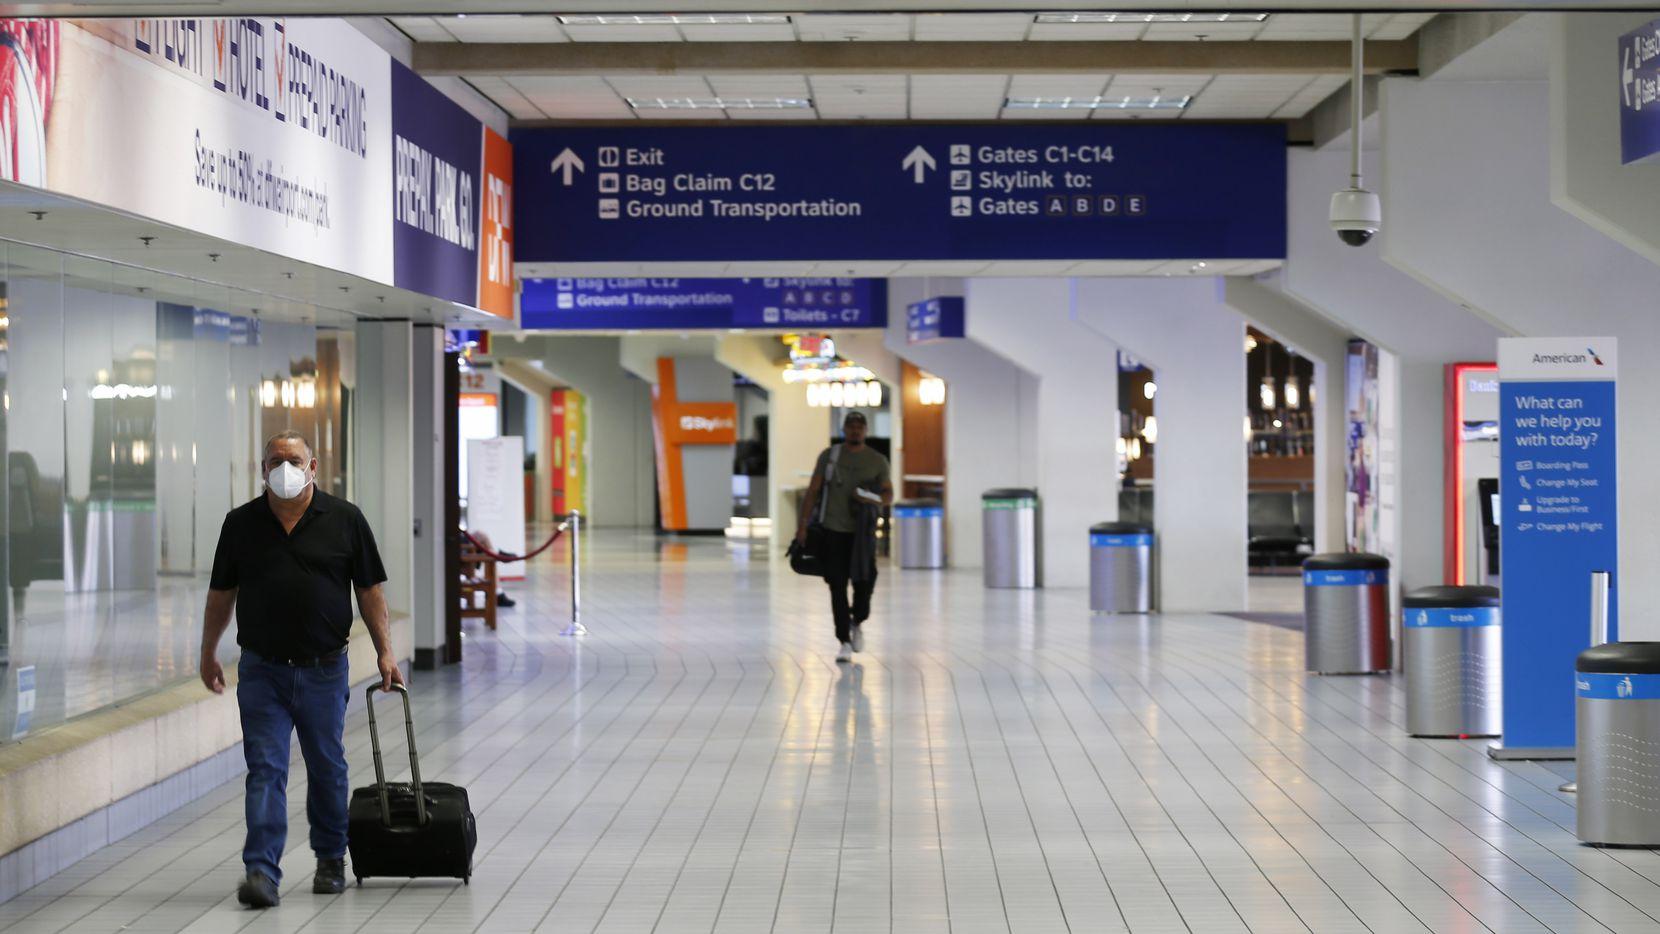 Con el aeropuerto casi vacío, las autoridades están pensando dos veces para emprender el proyecto de ampliación con la construcción de la Terminal F.